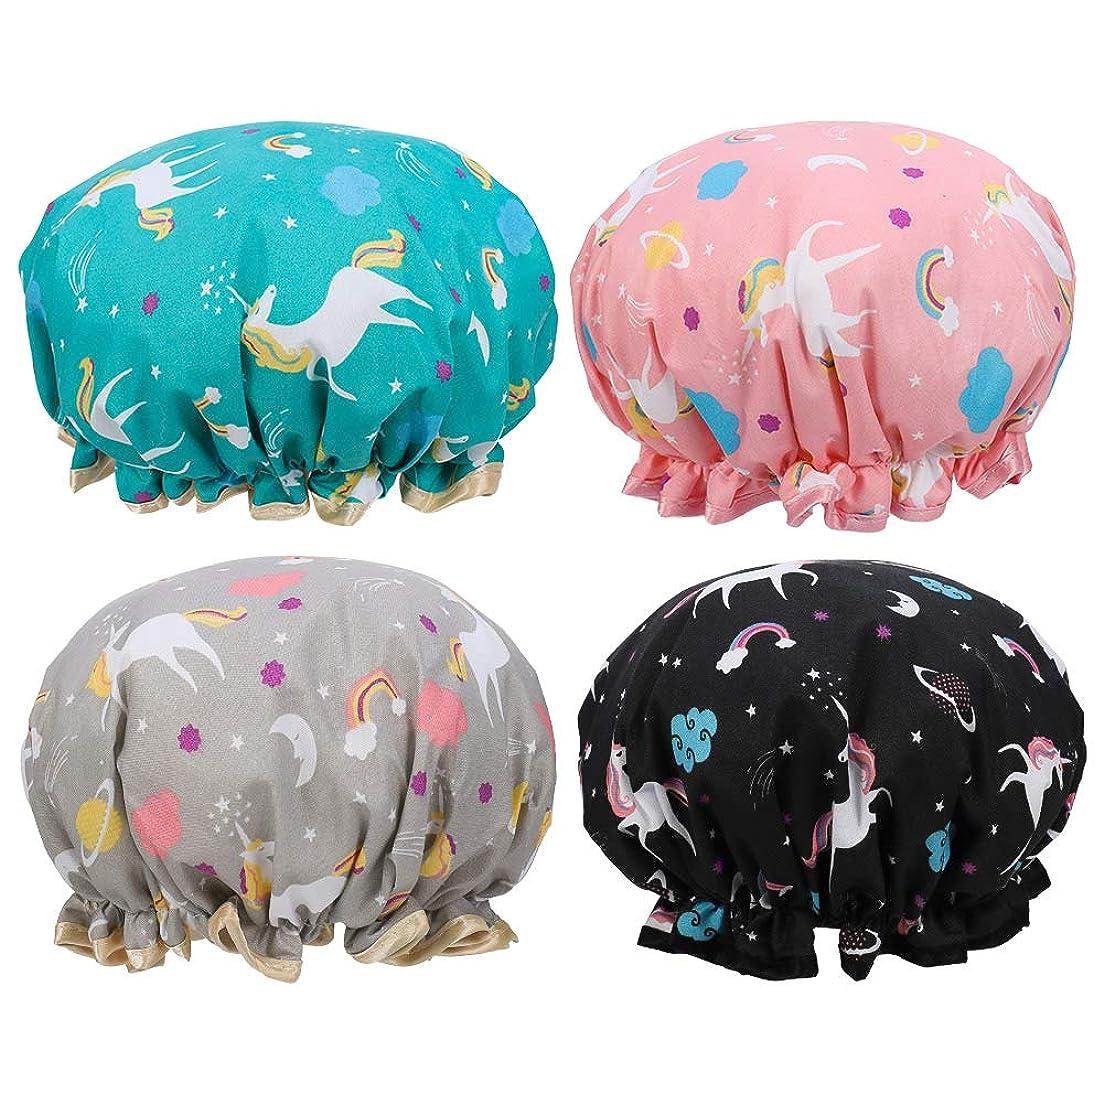 衝突する夜の動物園神話LORAER Qianer シャワーキャップ 4個セット ヘアキャップ ヘアーキャップ ヘアーターバン 入浴キャップ 帽子 お風呂 シャワー用に 浴用帽子 防水 便利 女性 弾性 再使用可能